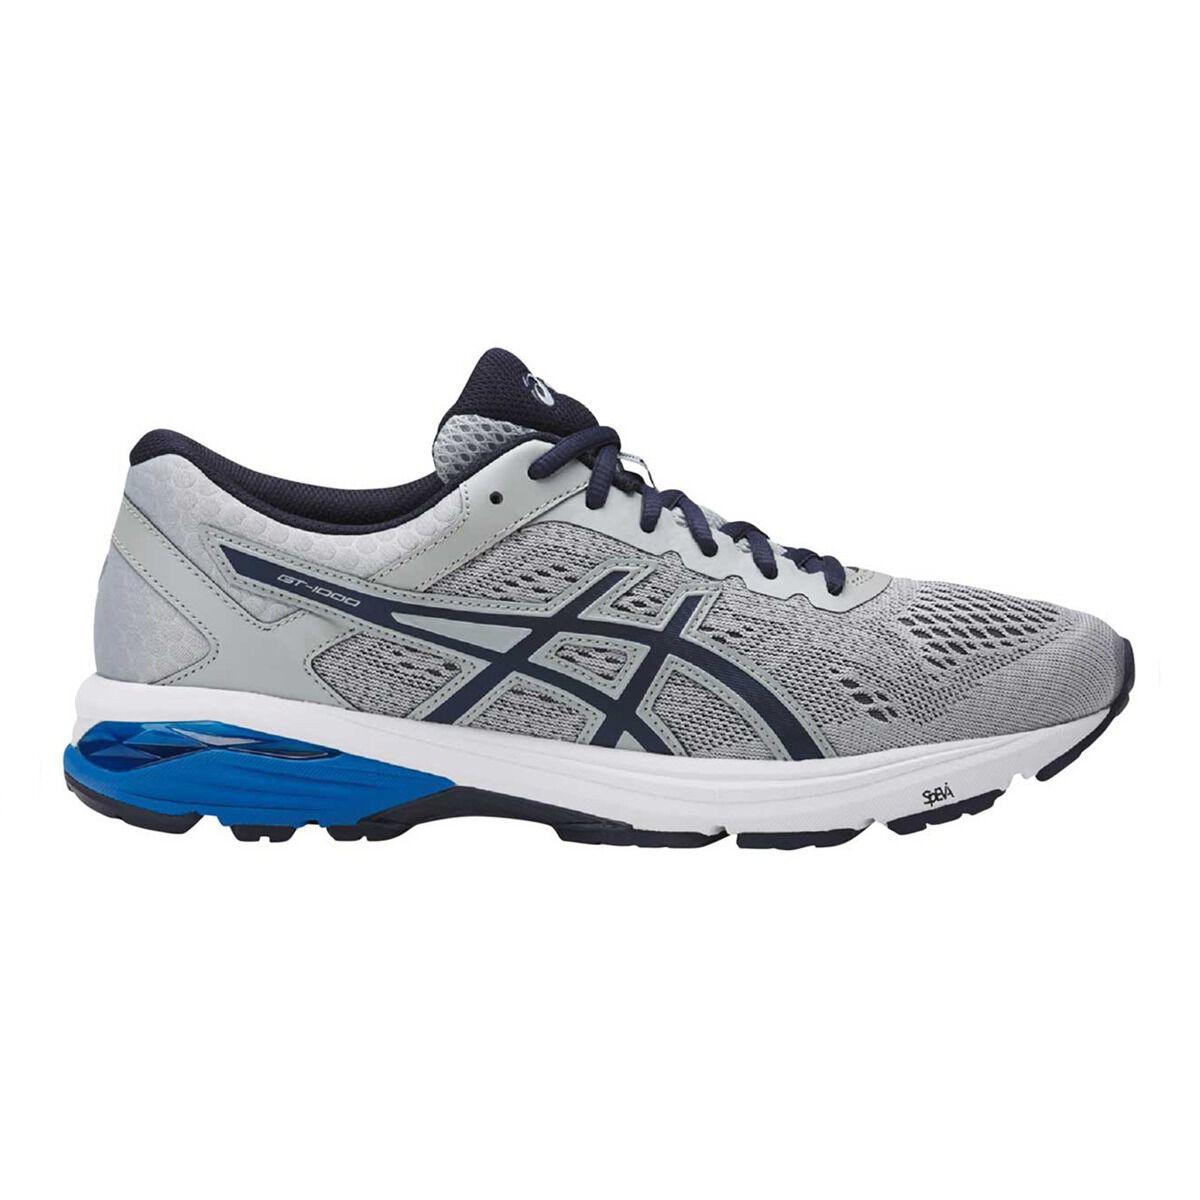 Chaussures Chaussures de course Asics 8 Asics GT 1000 6 4E Hommes Gris/ Bleu US 8 | 2c49566 - myptmaciasbook.club